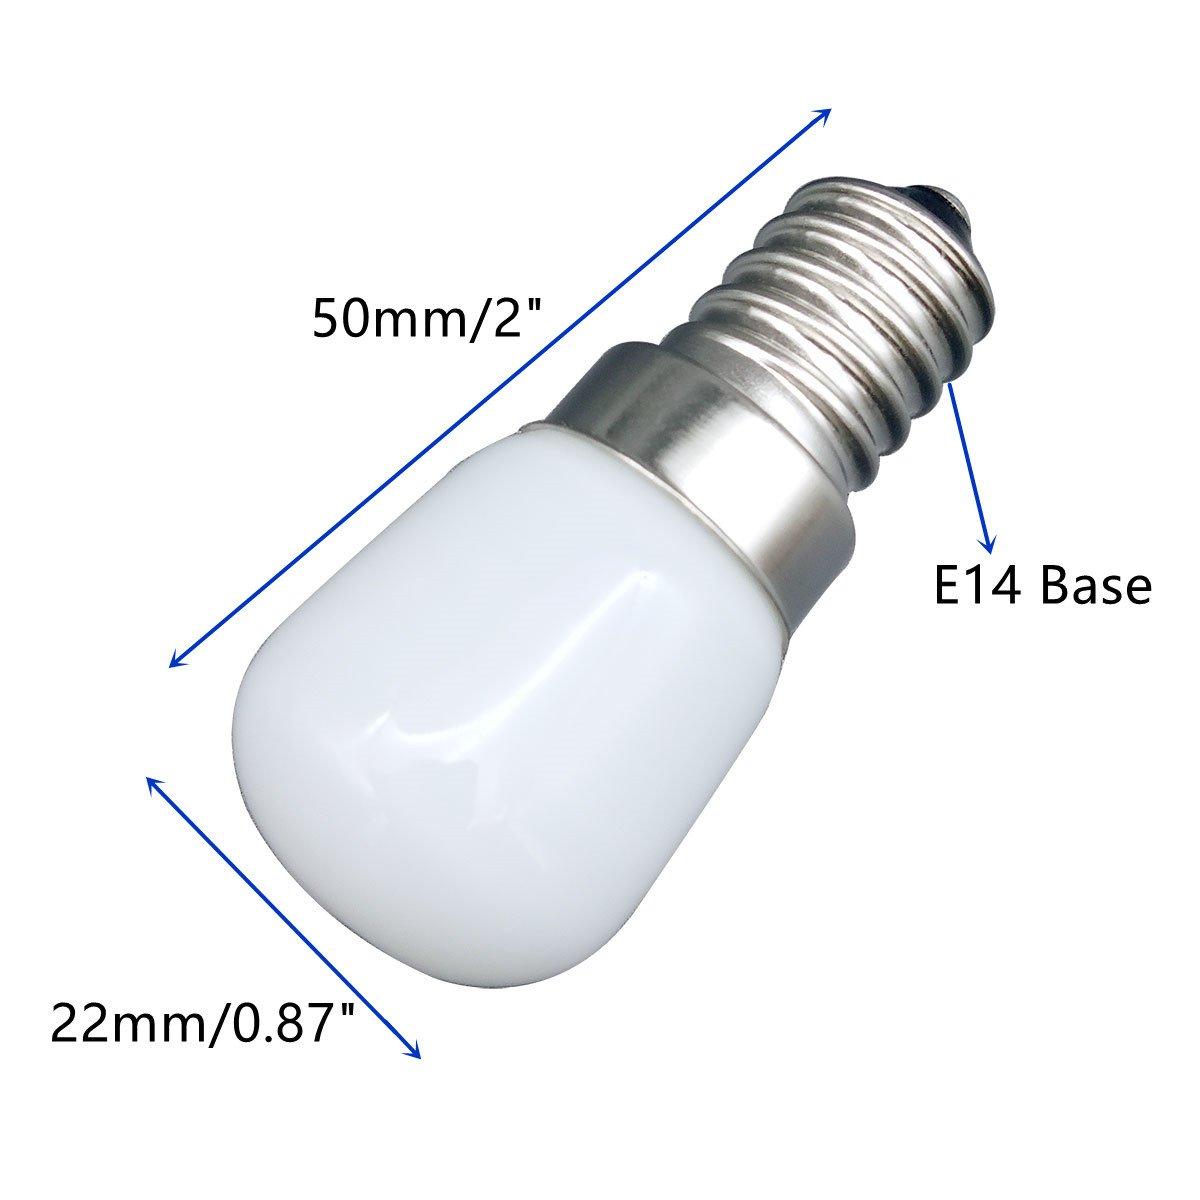 ... Bombilla Ahorro Energía Blanco Fresco[Equivalente 15W Bombilla Halógeno] Para el Refrigerador/la campana de cocina/la máquina de coser: Amazon.es: Hogar